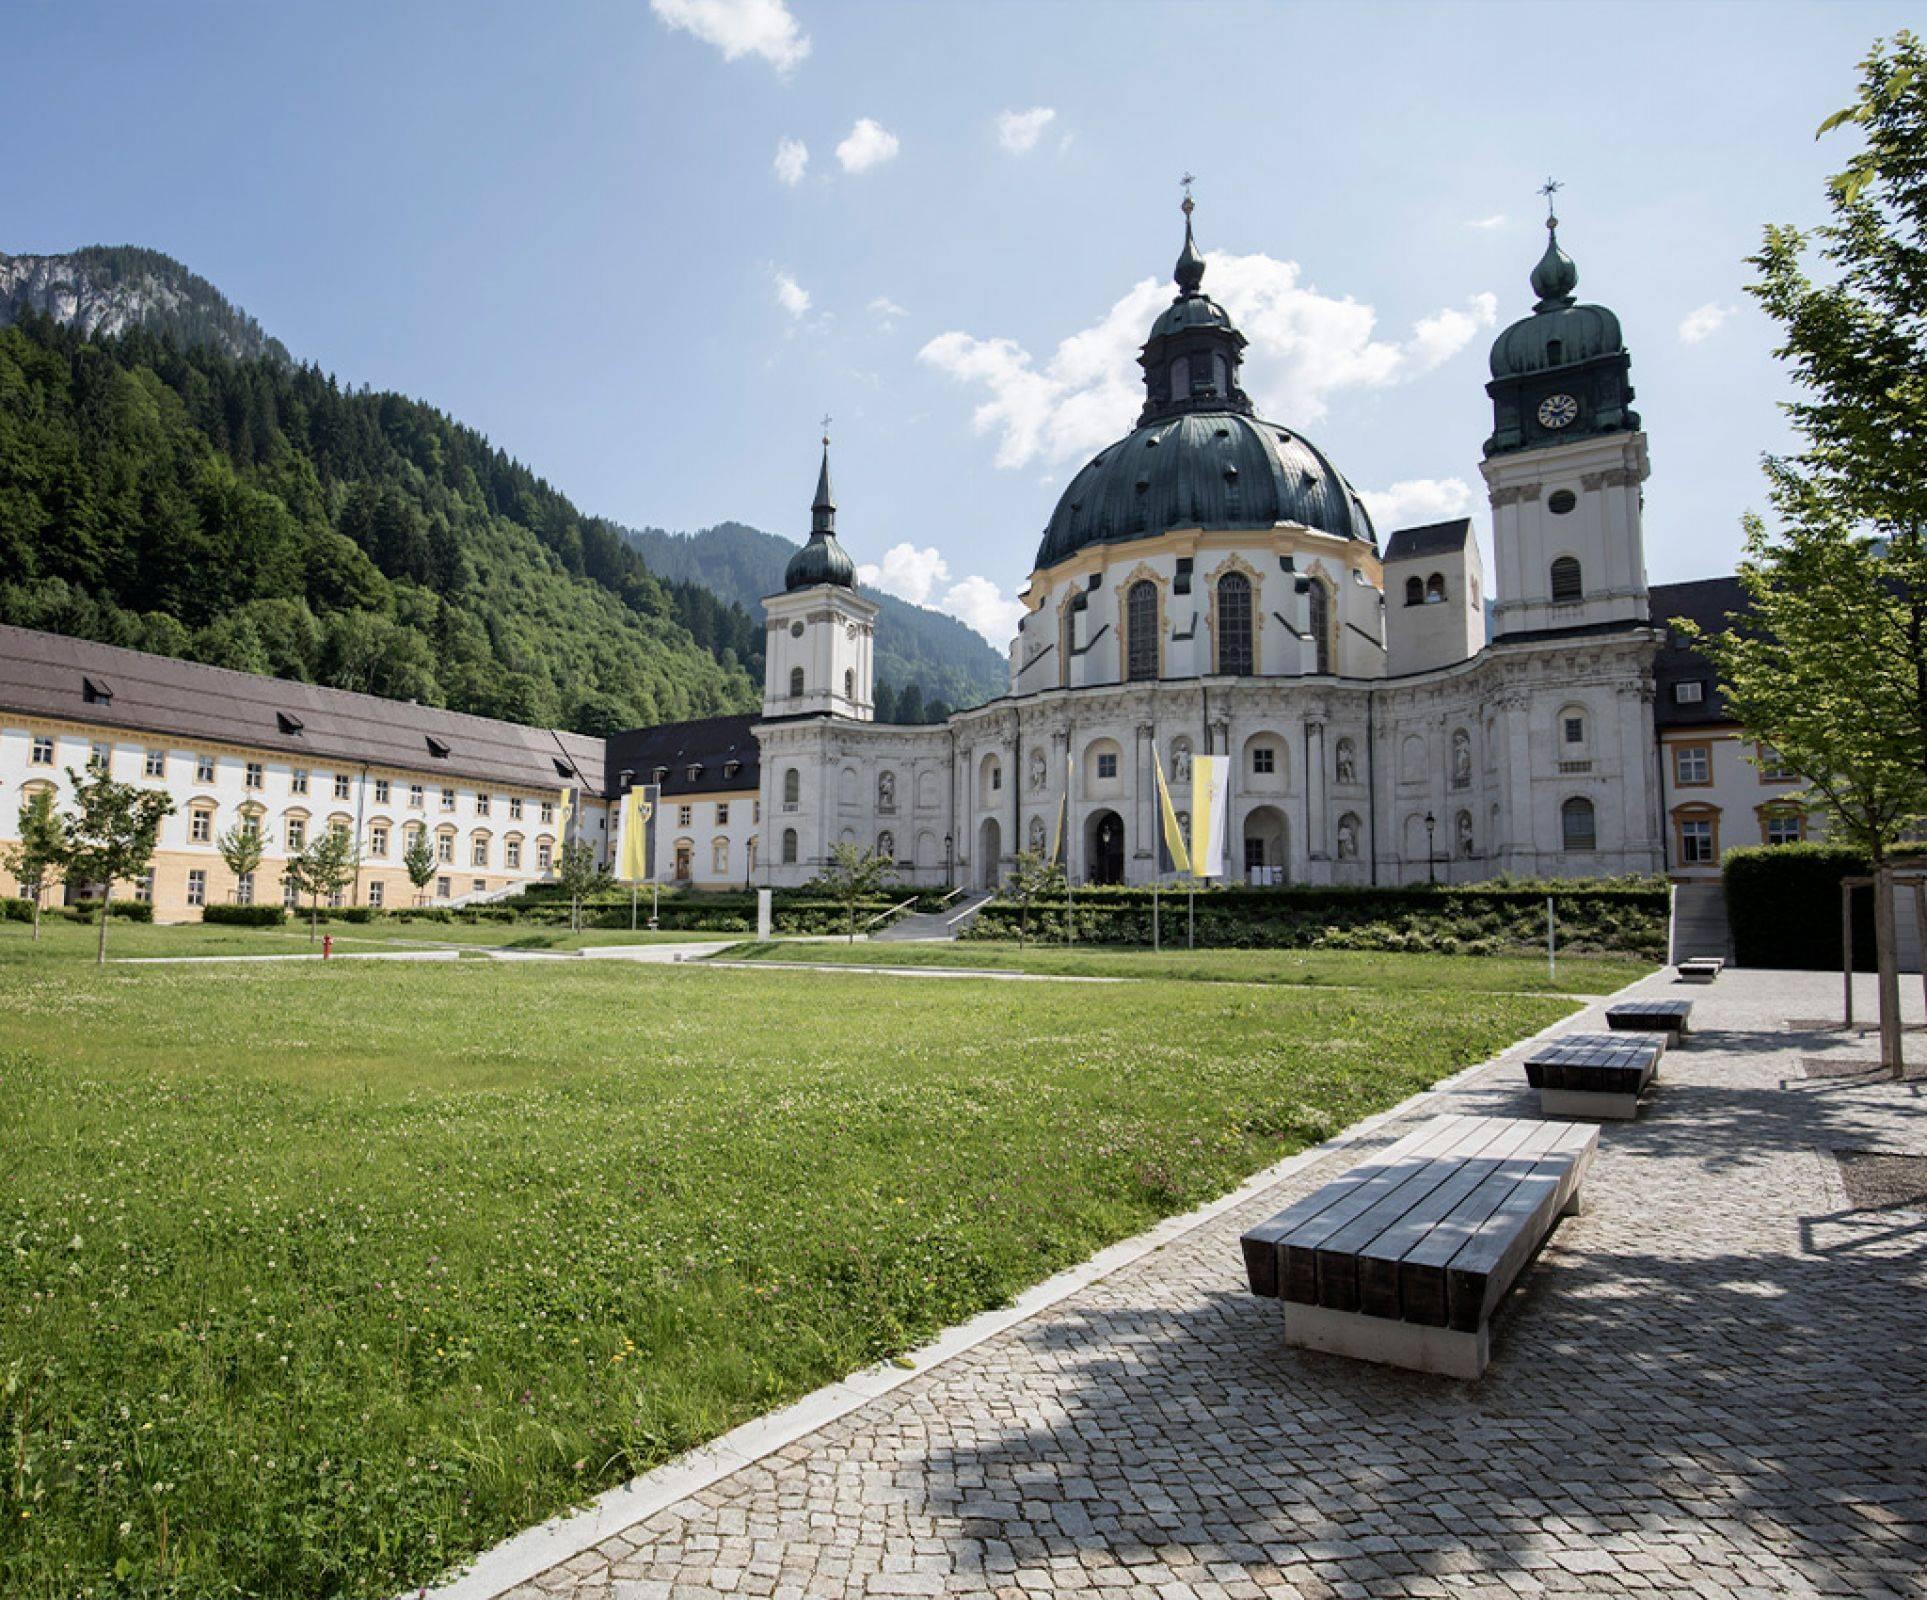 Татевский монастырь: описание, как добраться, что посмотреть + много фото